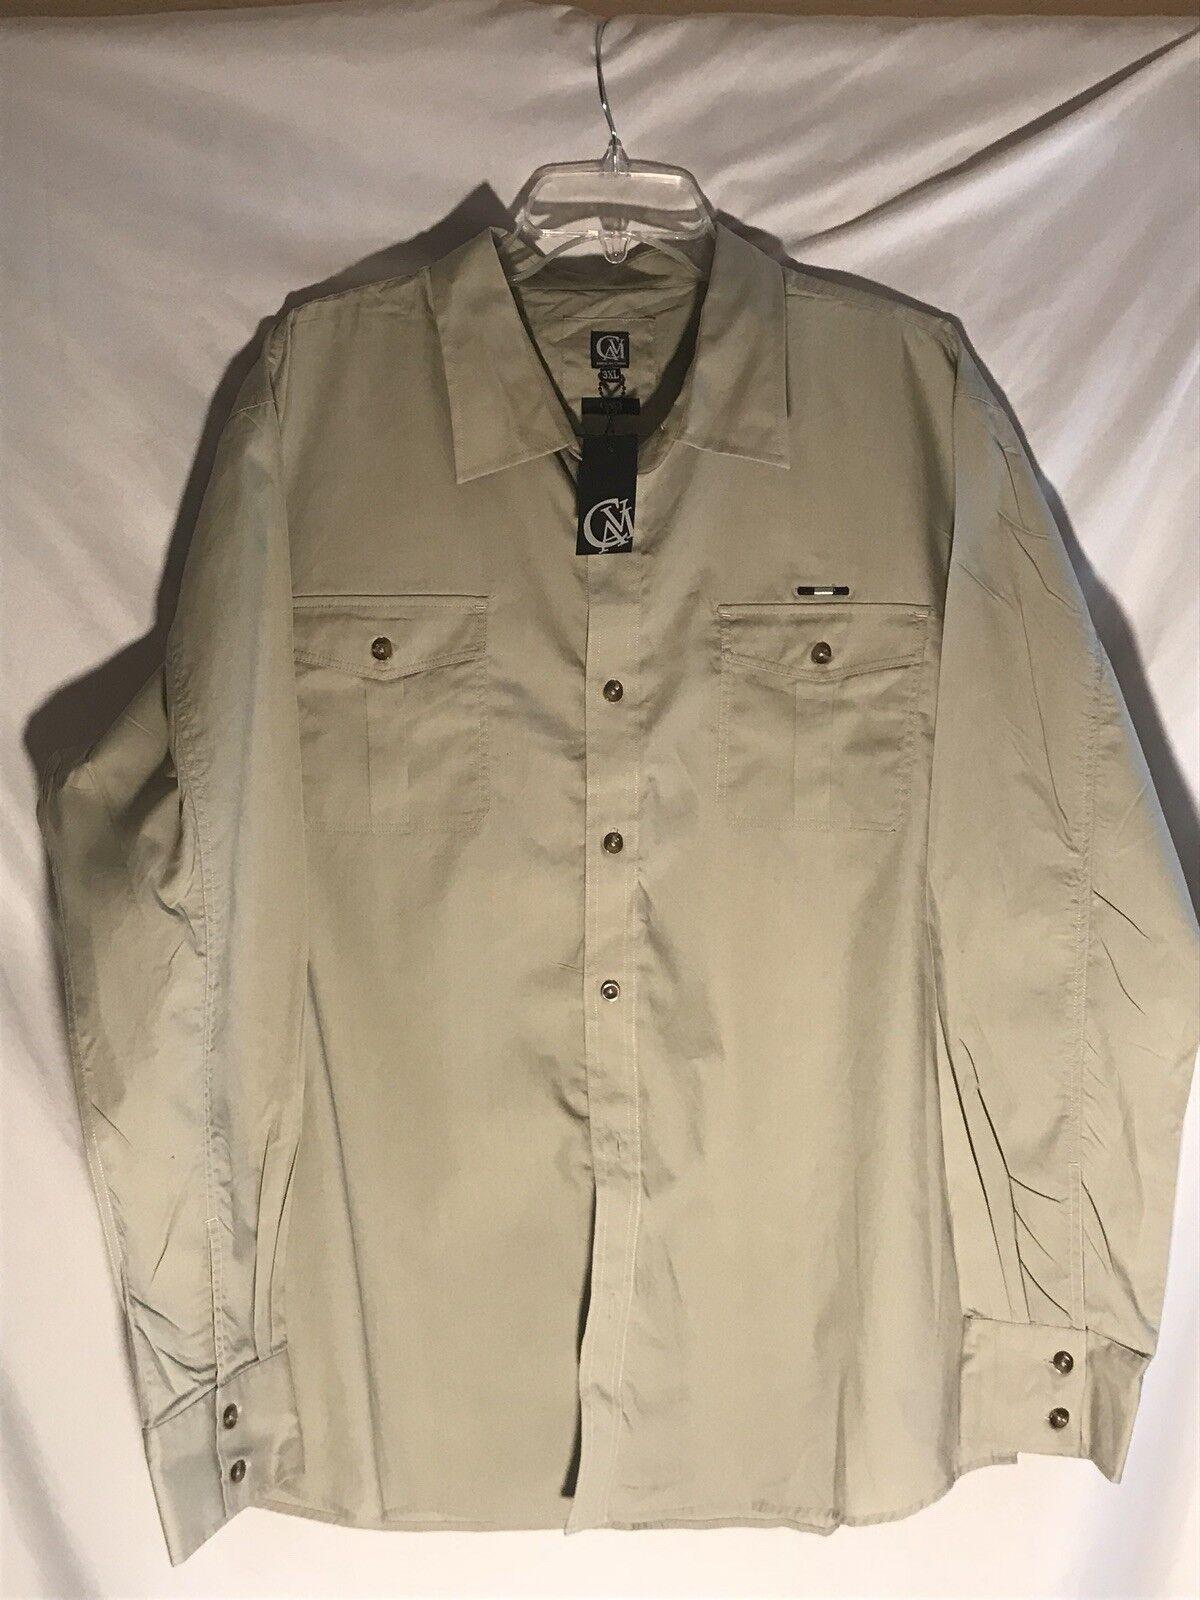 Cavi men's shirt 3XL Taupe long sleeve cotton shirt